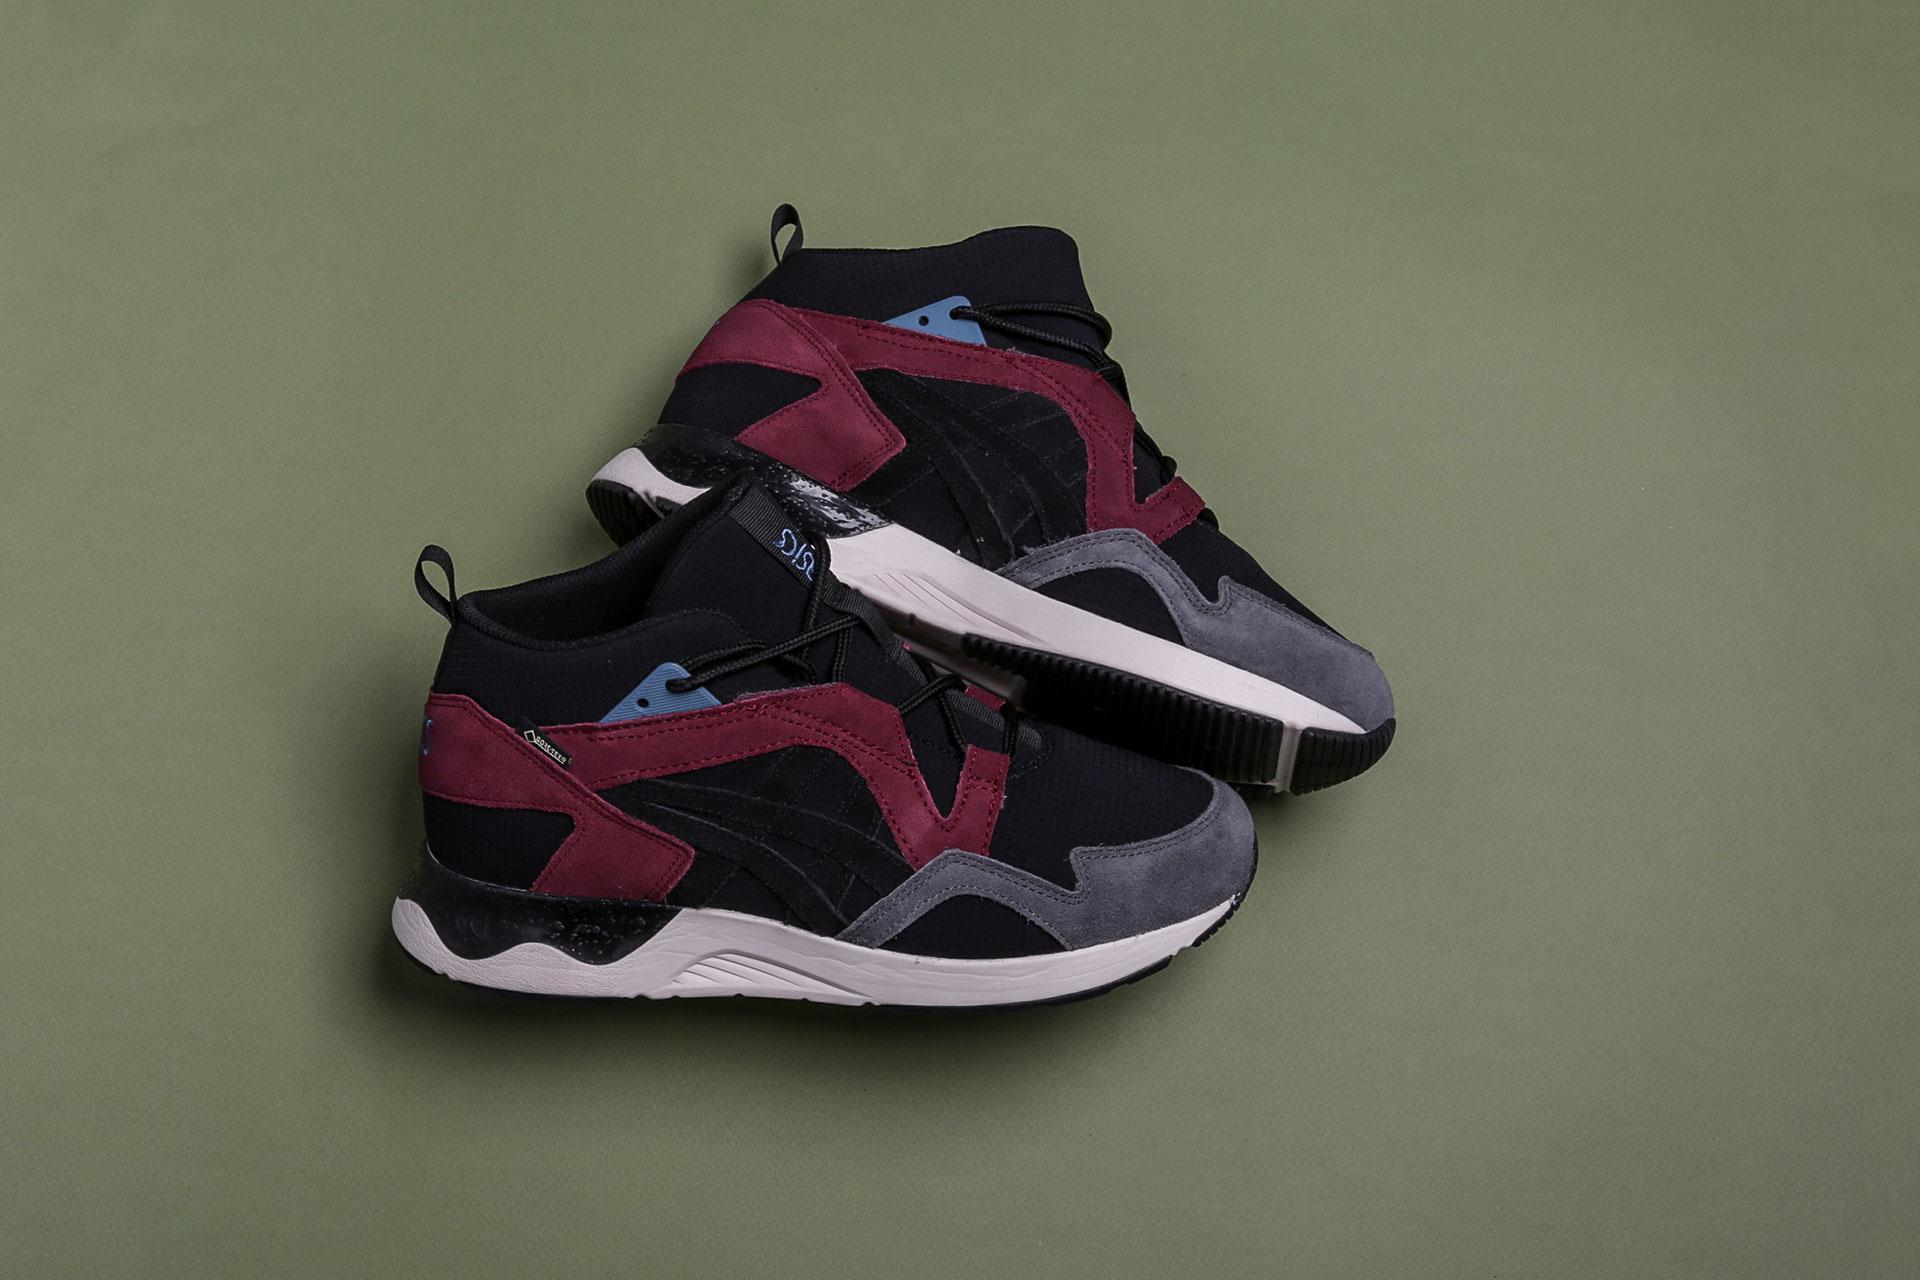 245843135fdd Купить черные мужские кроссовки Gel-Lyte V Sanze MT G-TX от ASICS ...